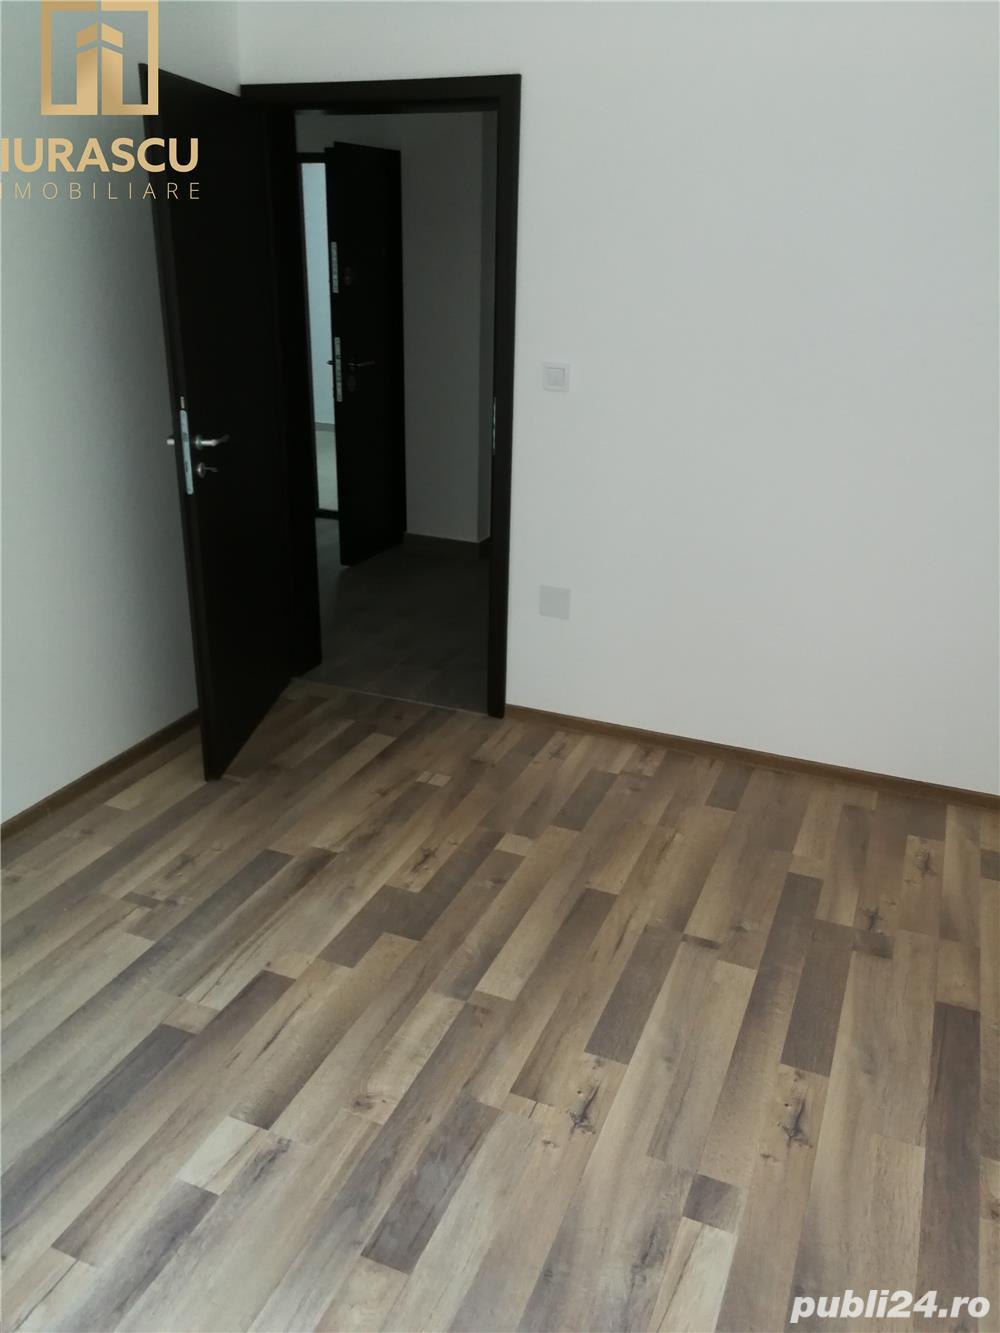 Apartament 2 camere decomandate in zona Miroslava bloc finalizat